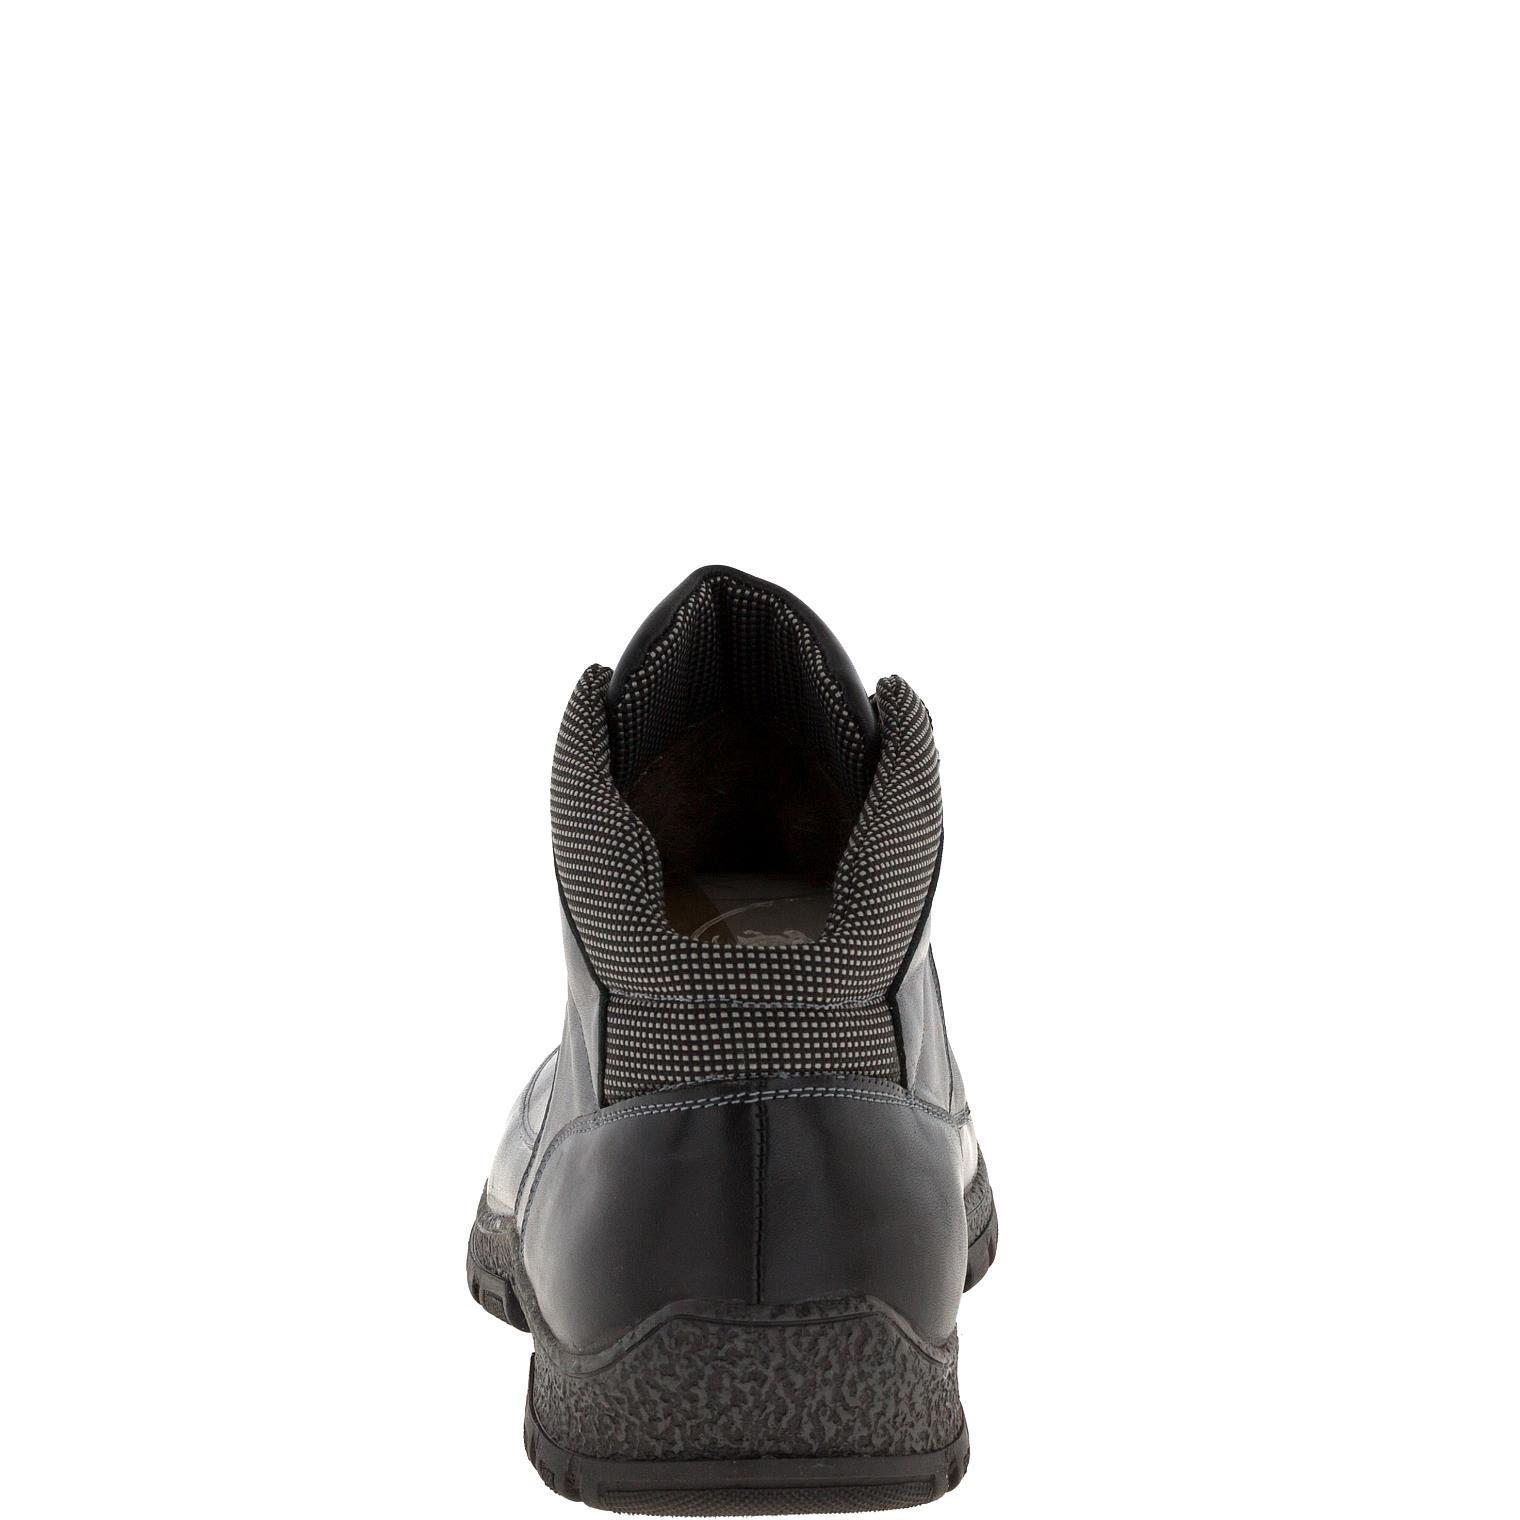 636316 Ботинки мужские ченые кожа больших размеров марки Делфино